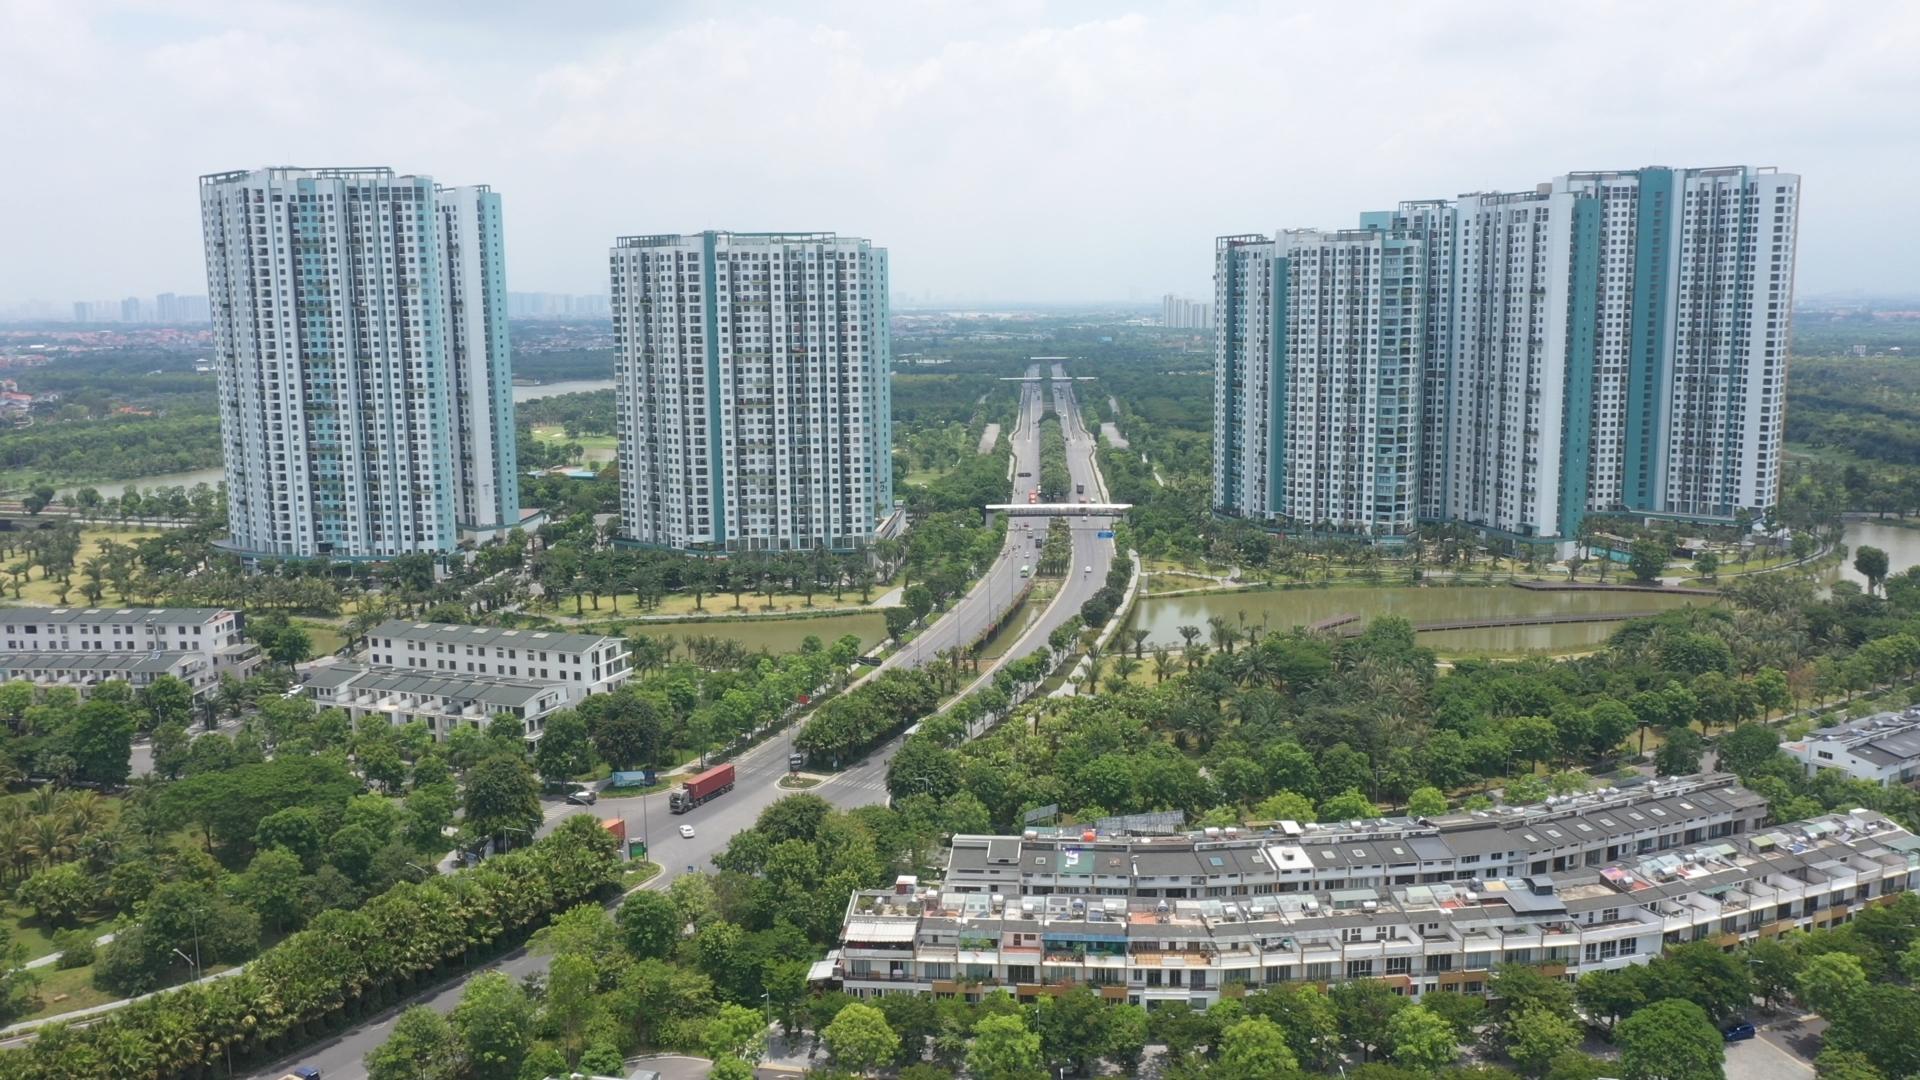 """Huyện Văn Giang (Hưng Yên) chuyển mình """"khoác áo mới"""" nhờ cây, hoa cảnh và đô thị xanh"""